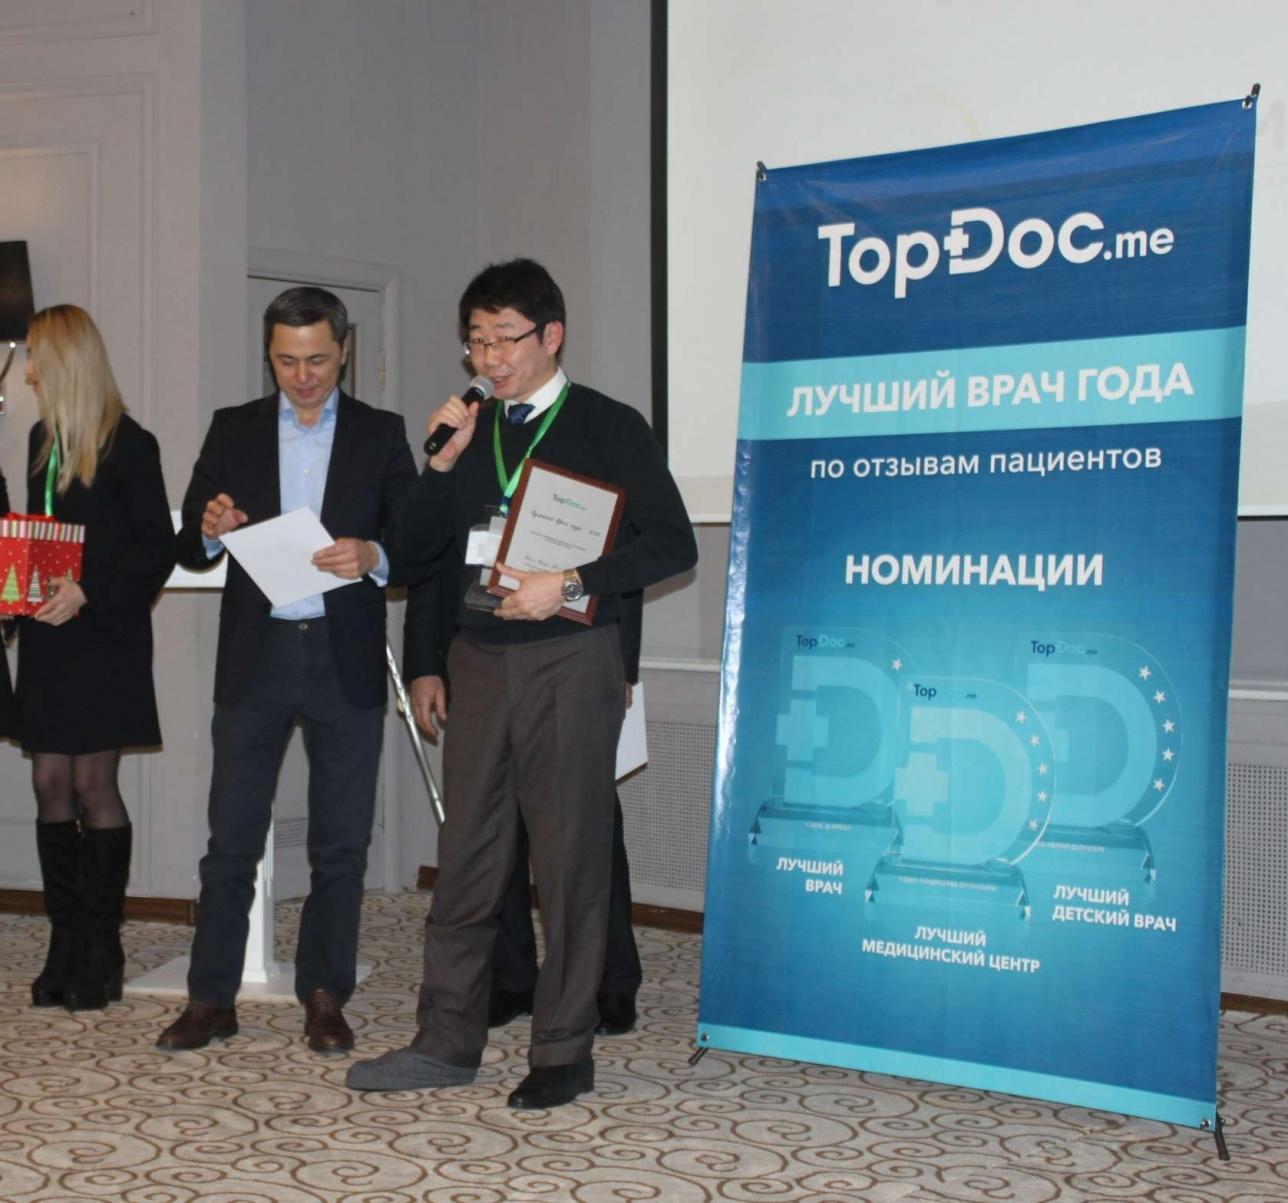 Лучшим врачом Алматы пациенты признали невропатолога Игоря Кима